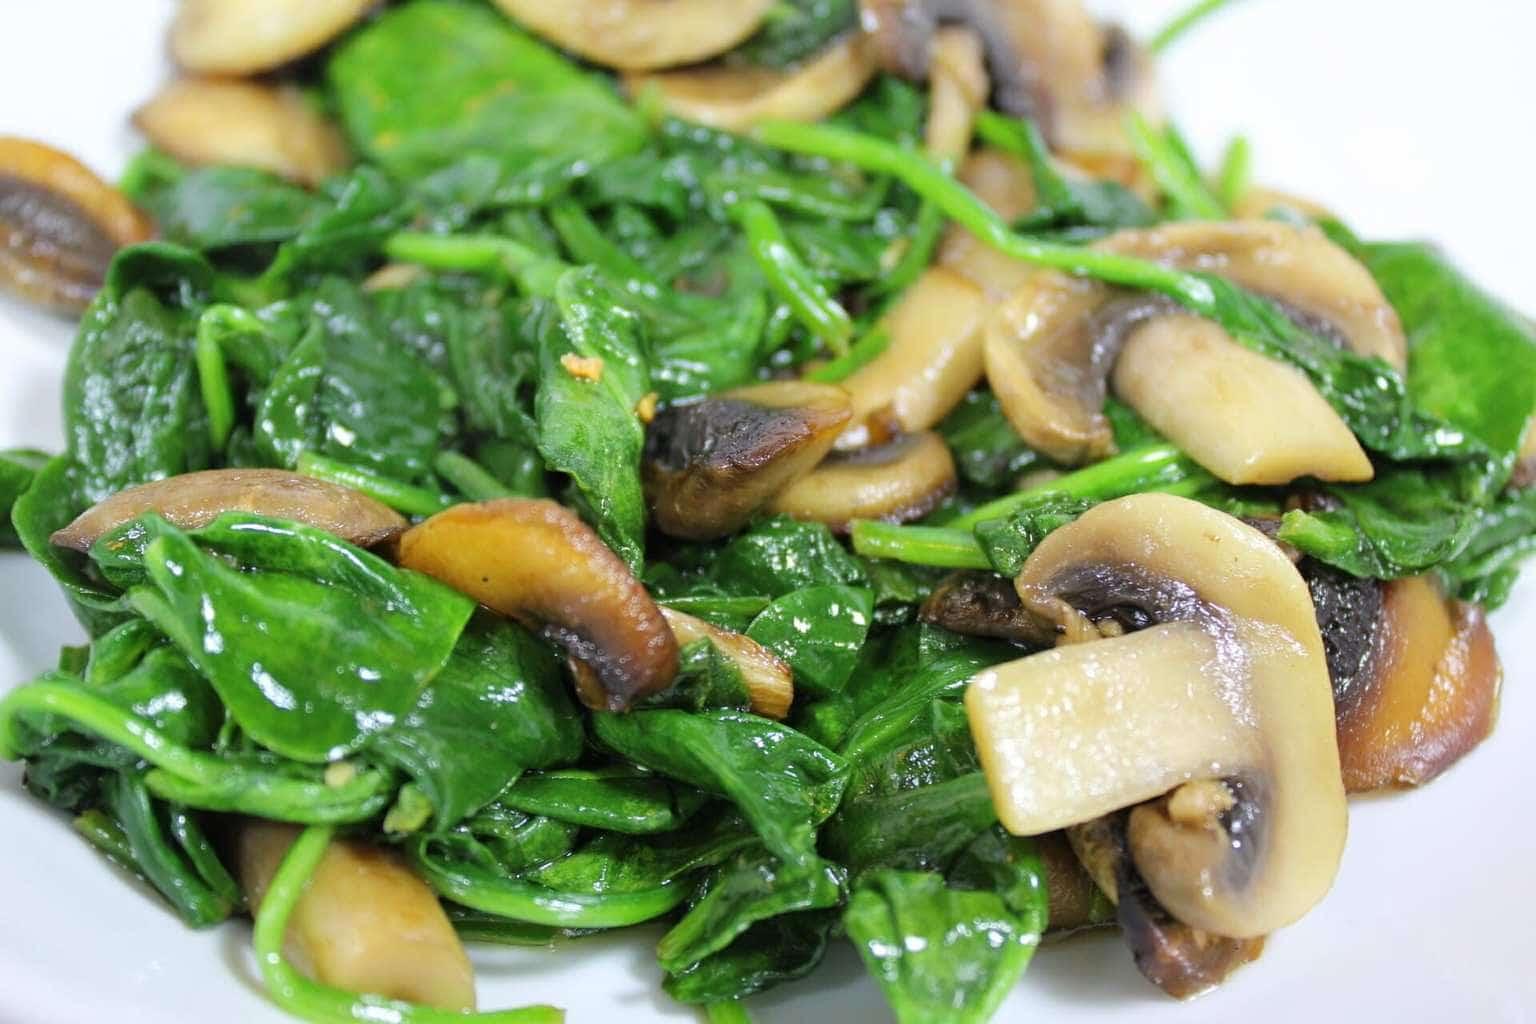 Sautéed Mushrooms with Caramelized Mushrooms